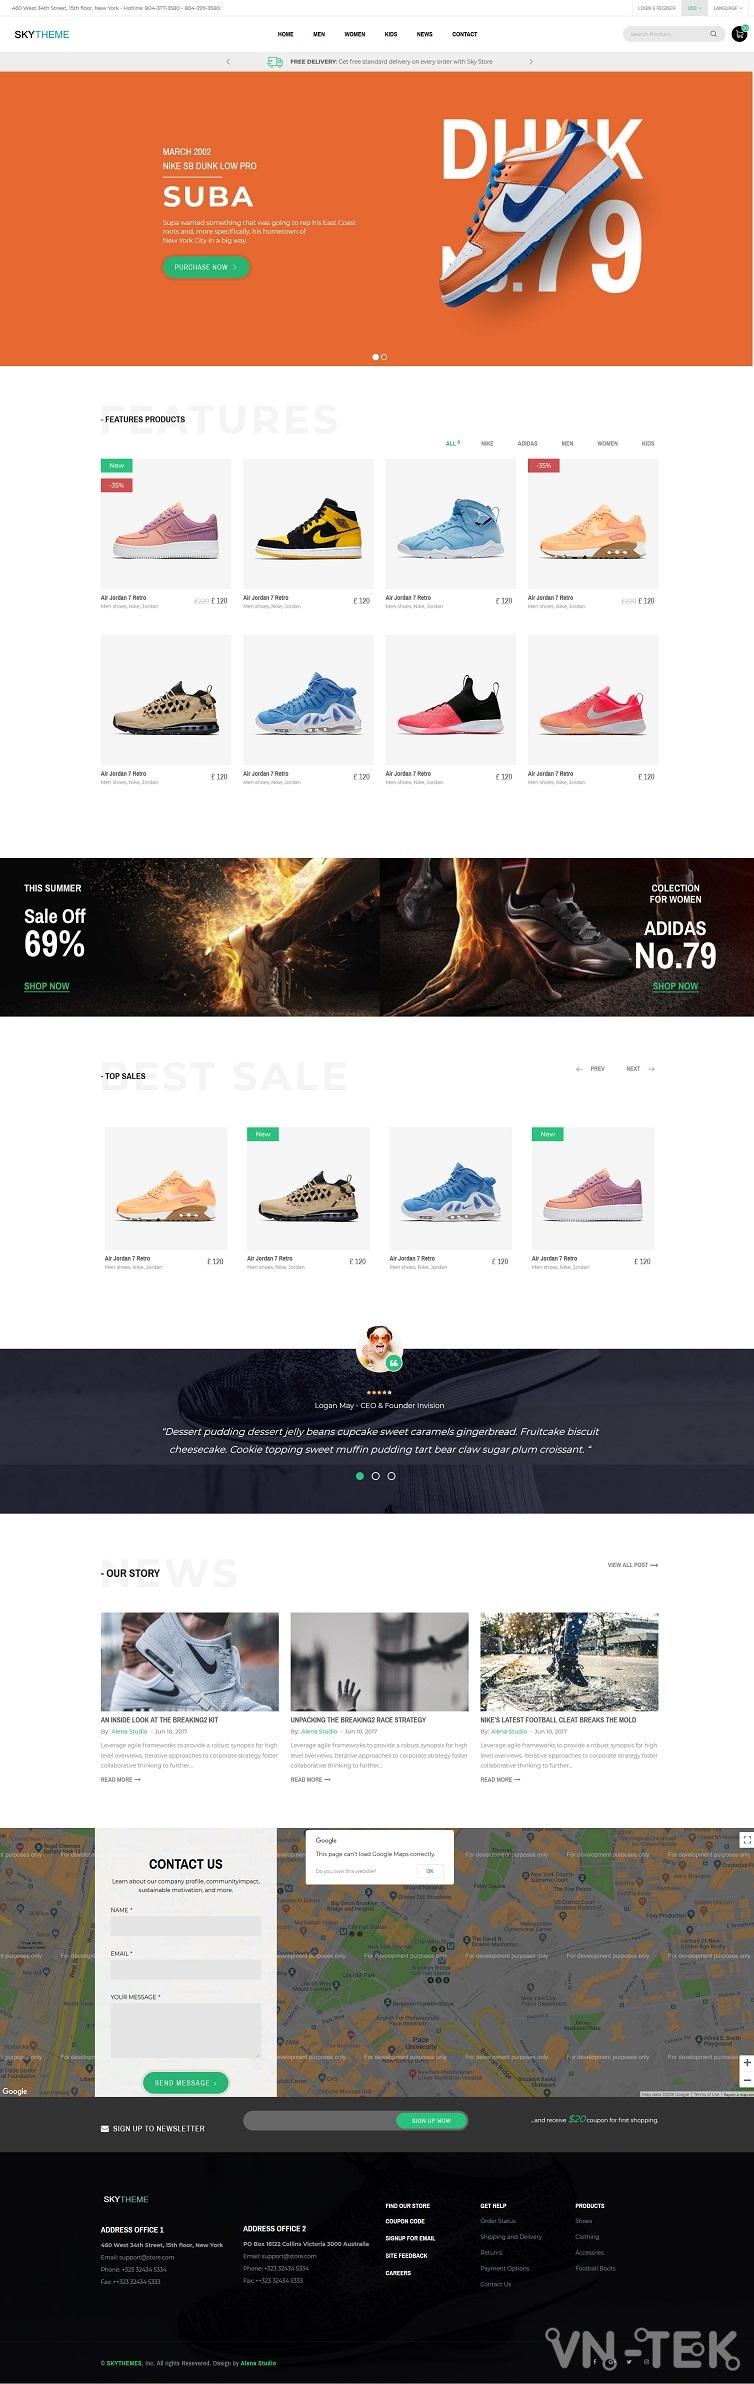 skytheme - Share 3 mẫu website bán hàng cực đẹp (Template HTML)